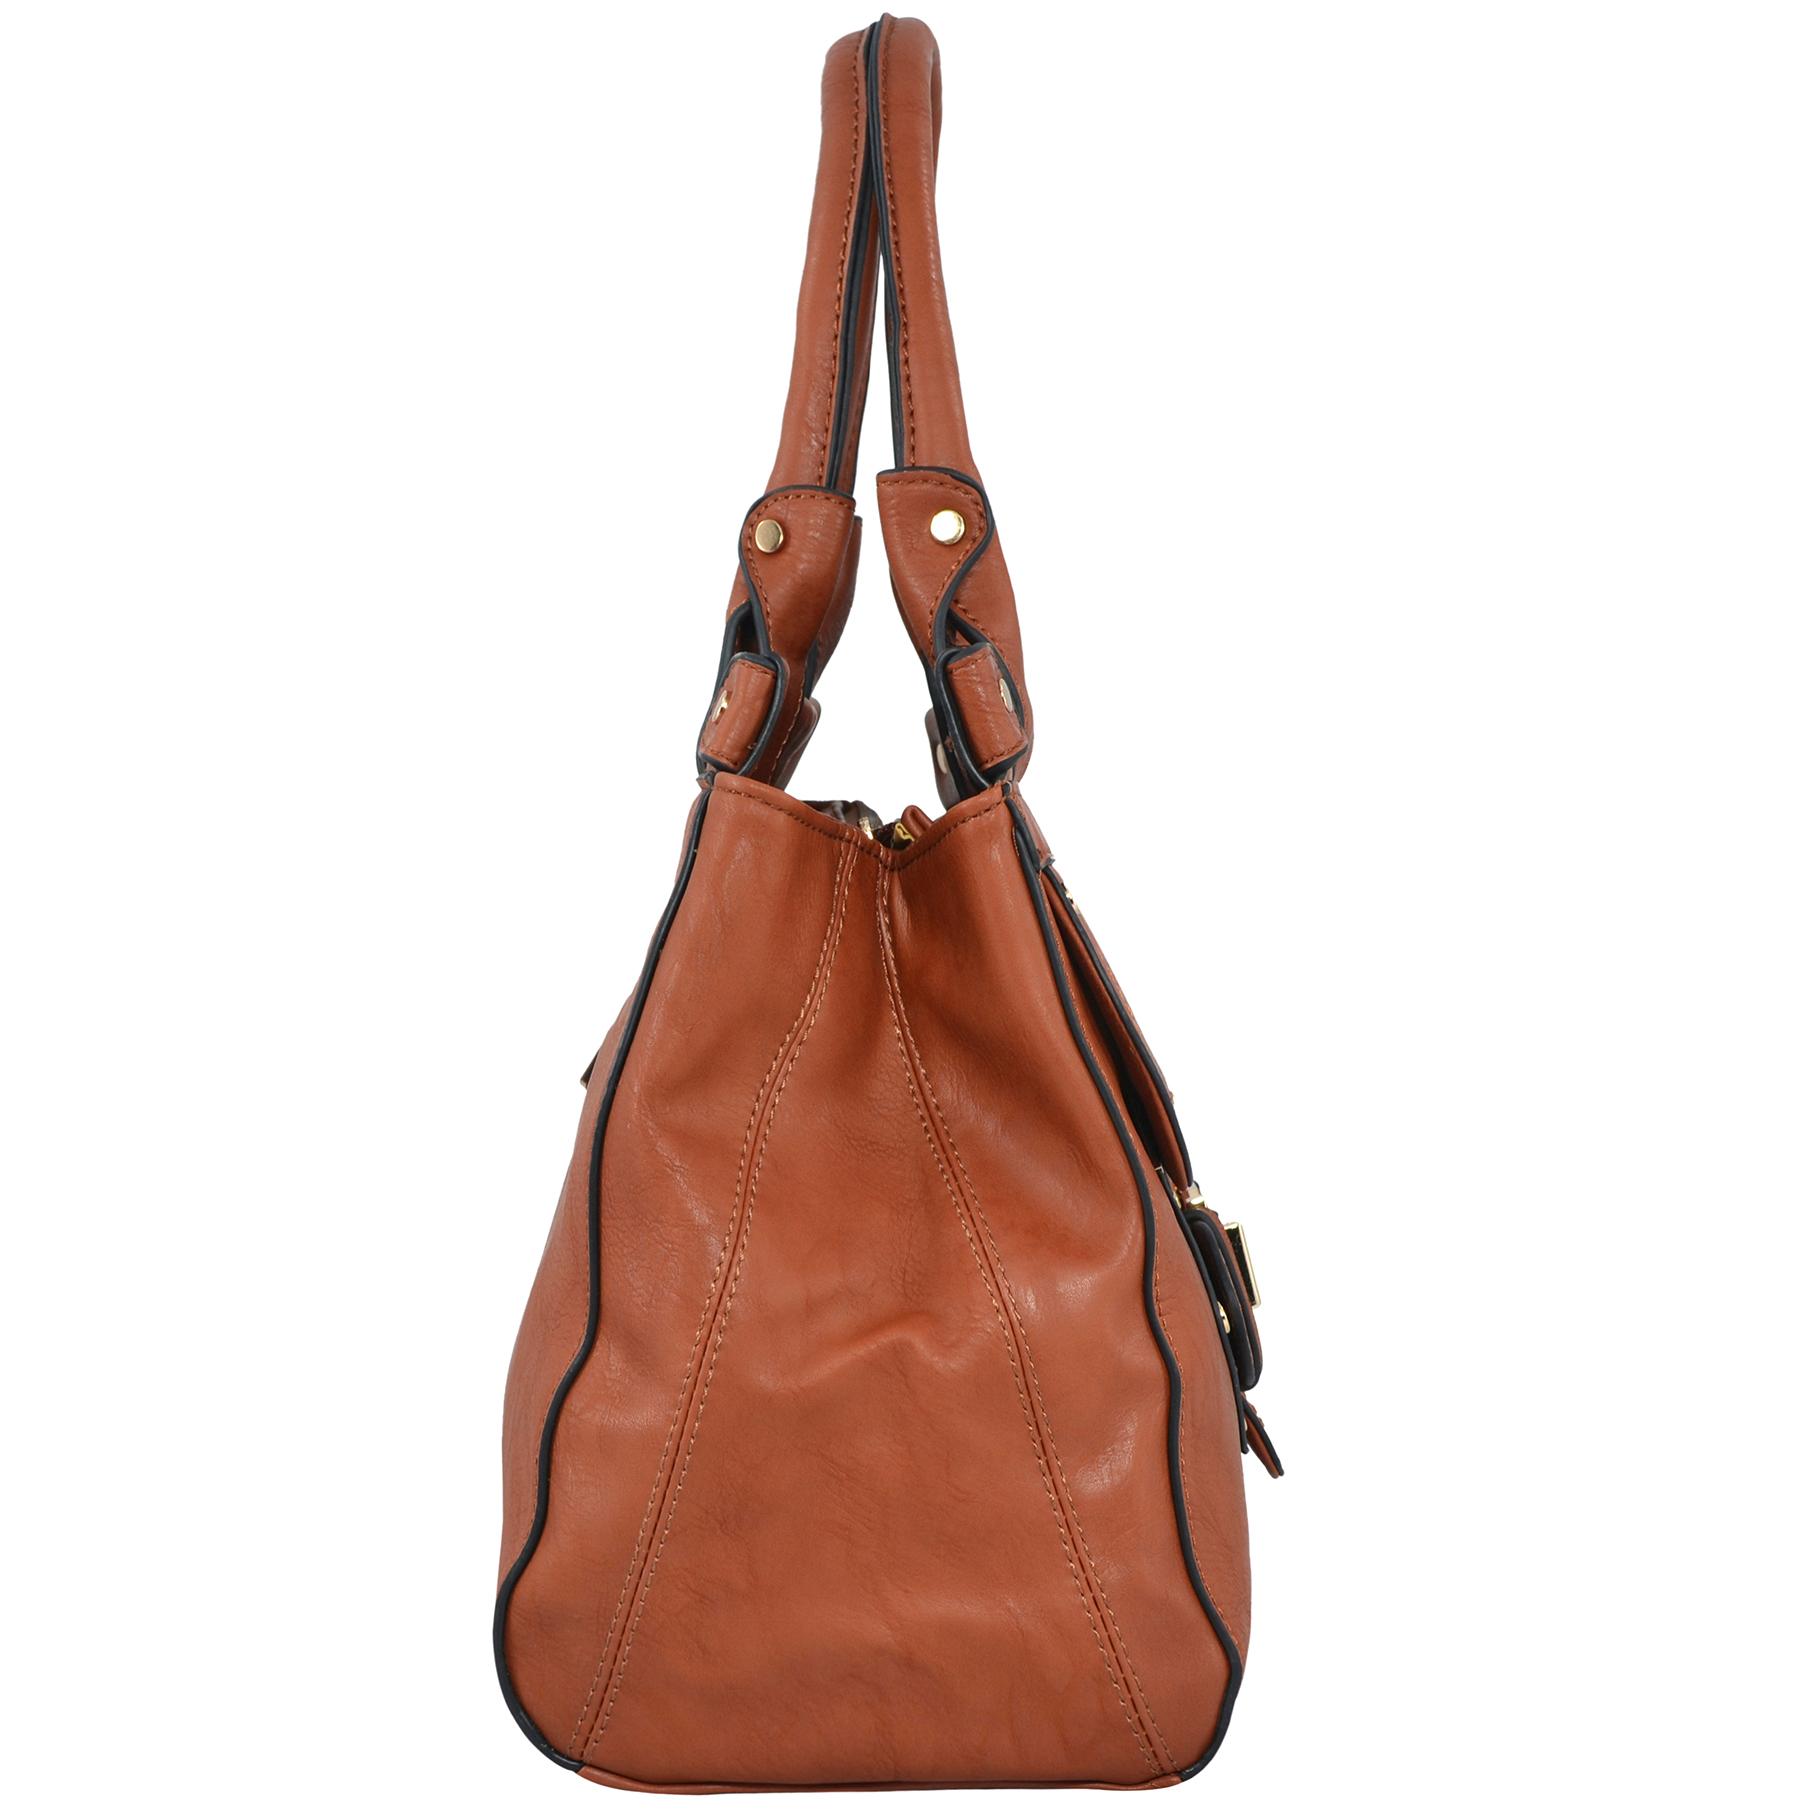 wendy brown satchel style shoulder bag side image